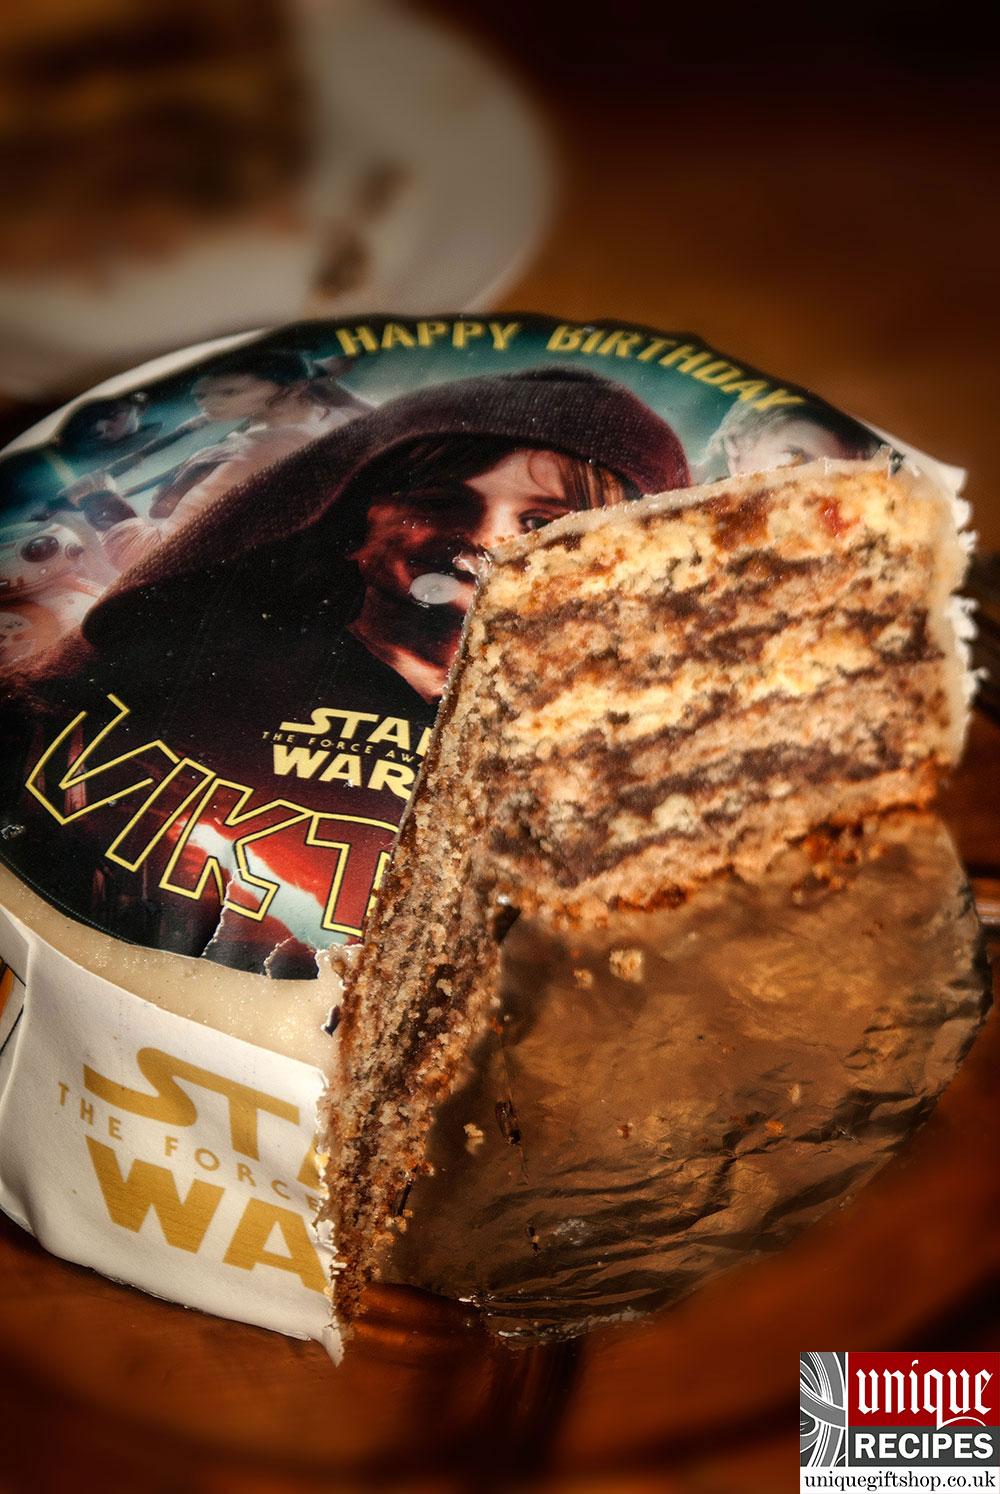 star wars cake image 2